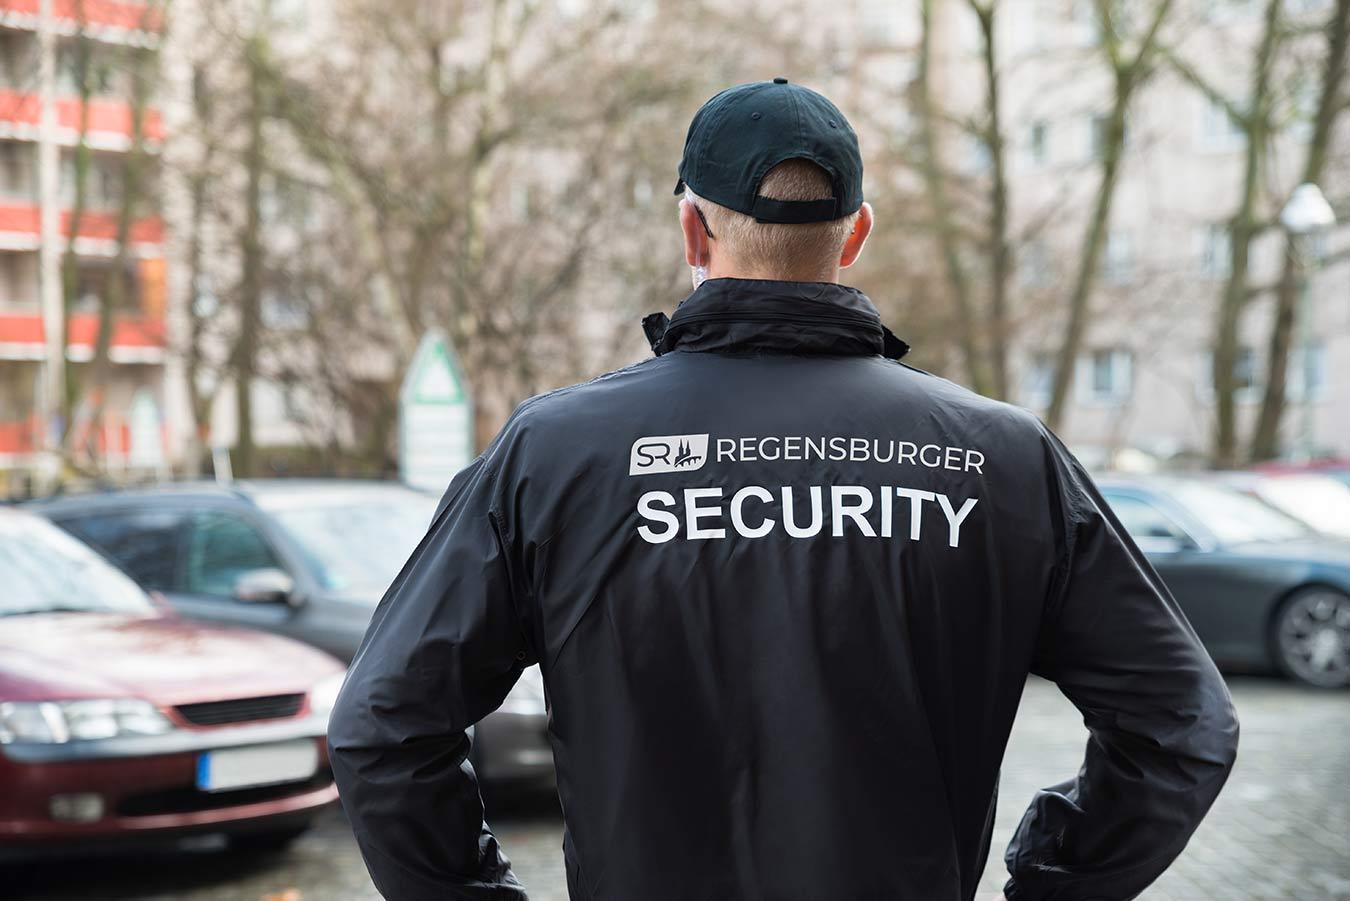 Sicherheitsdienst SR Regensburger